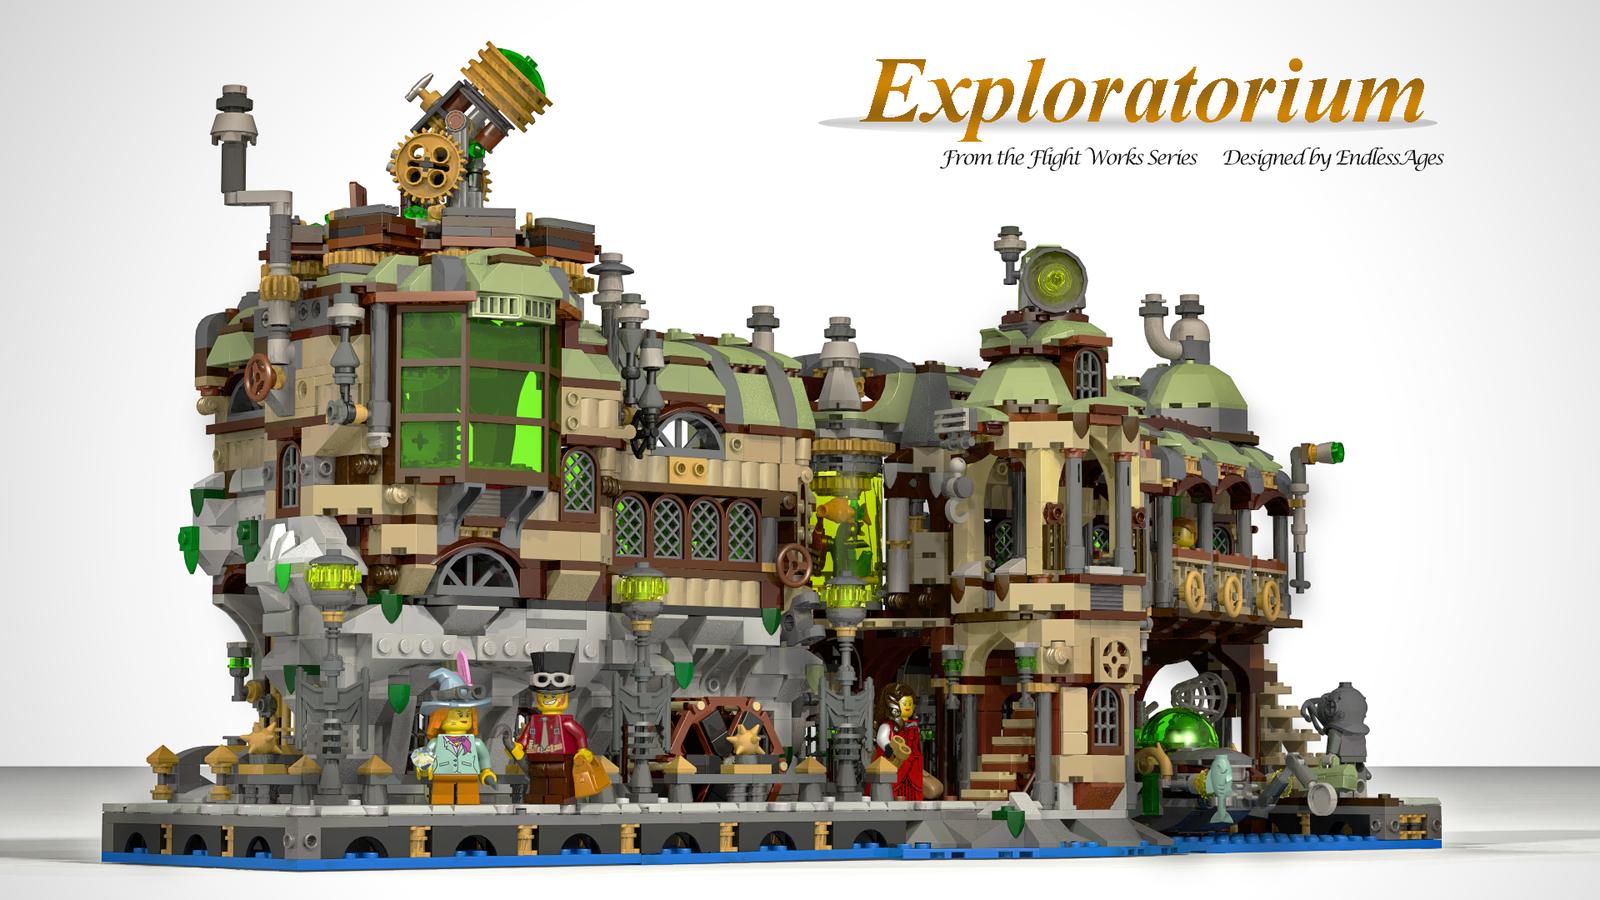 lego-ideas-exploratorium-endlessages zusammengebaut.com